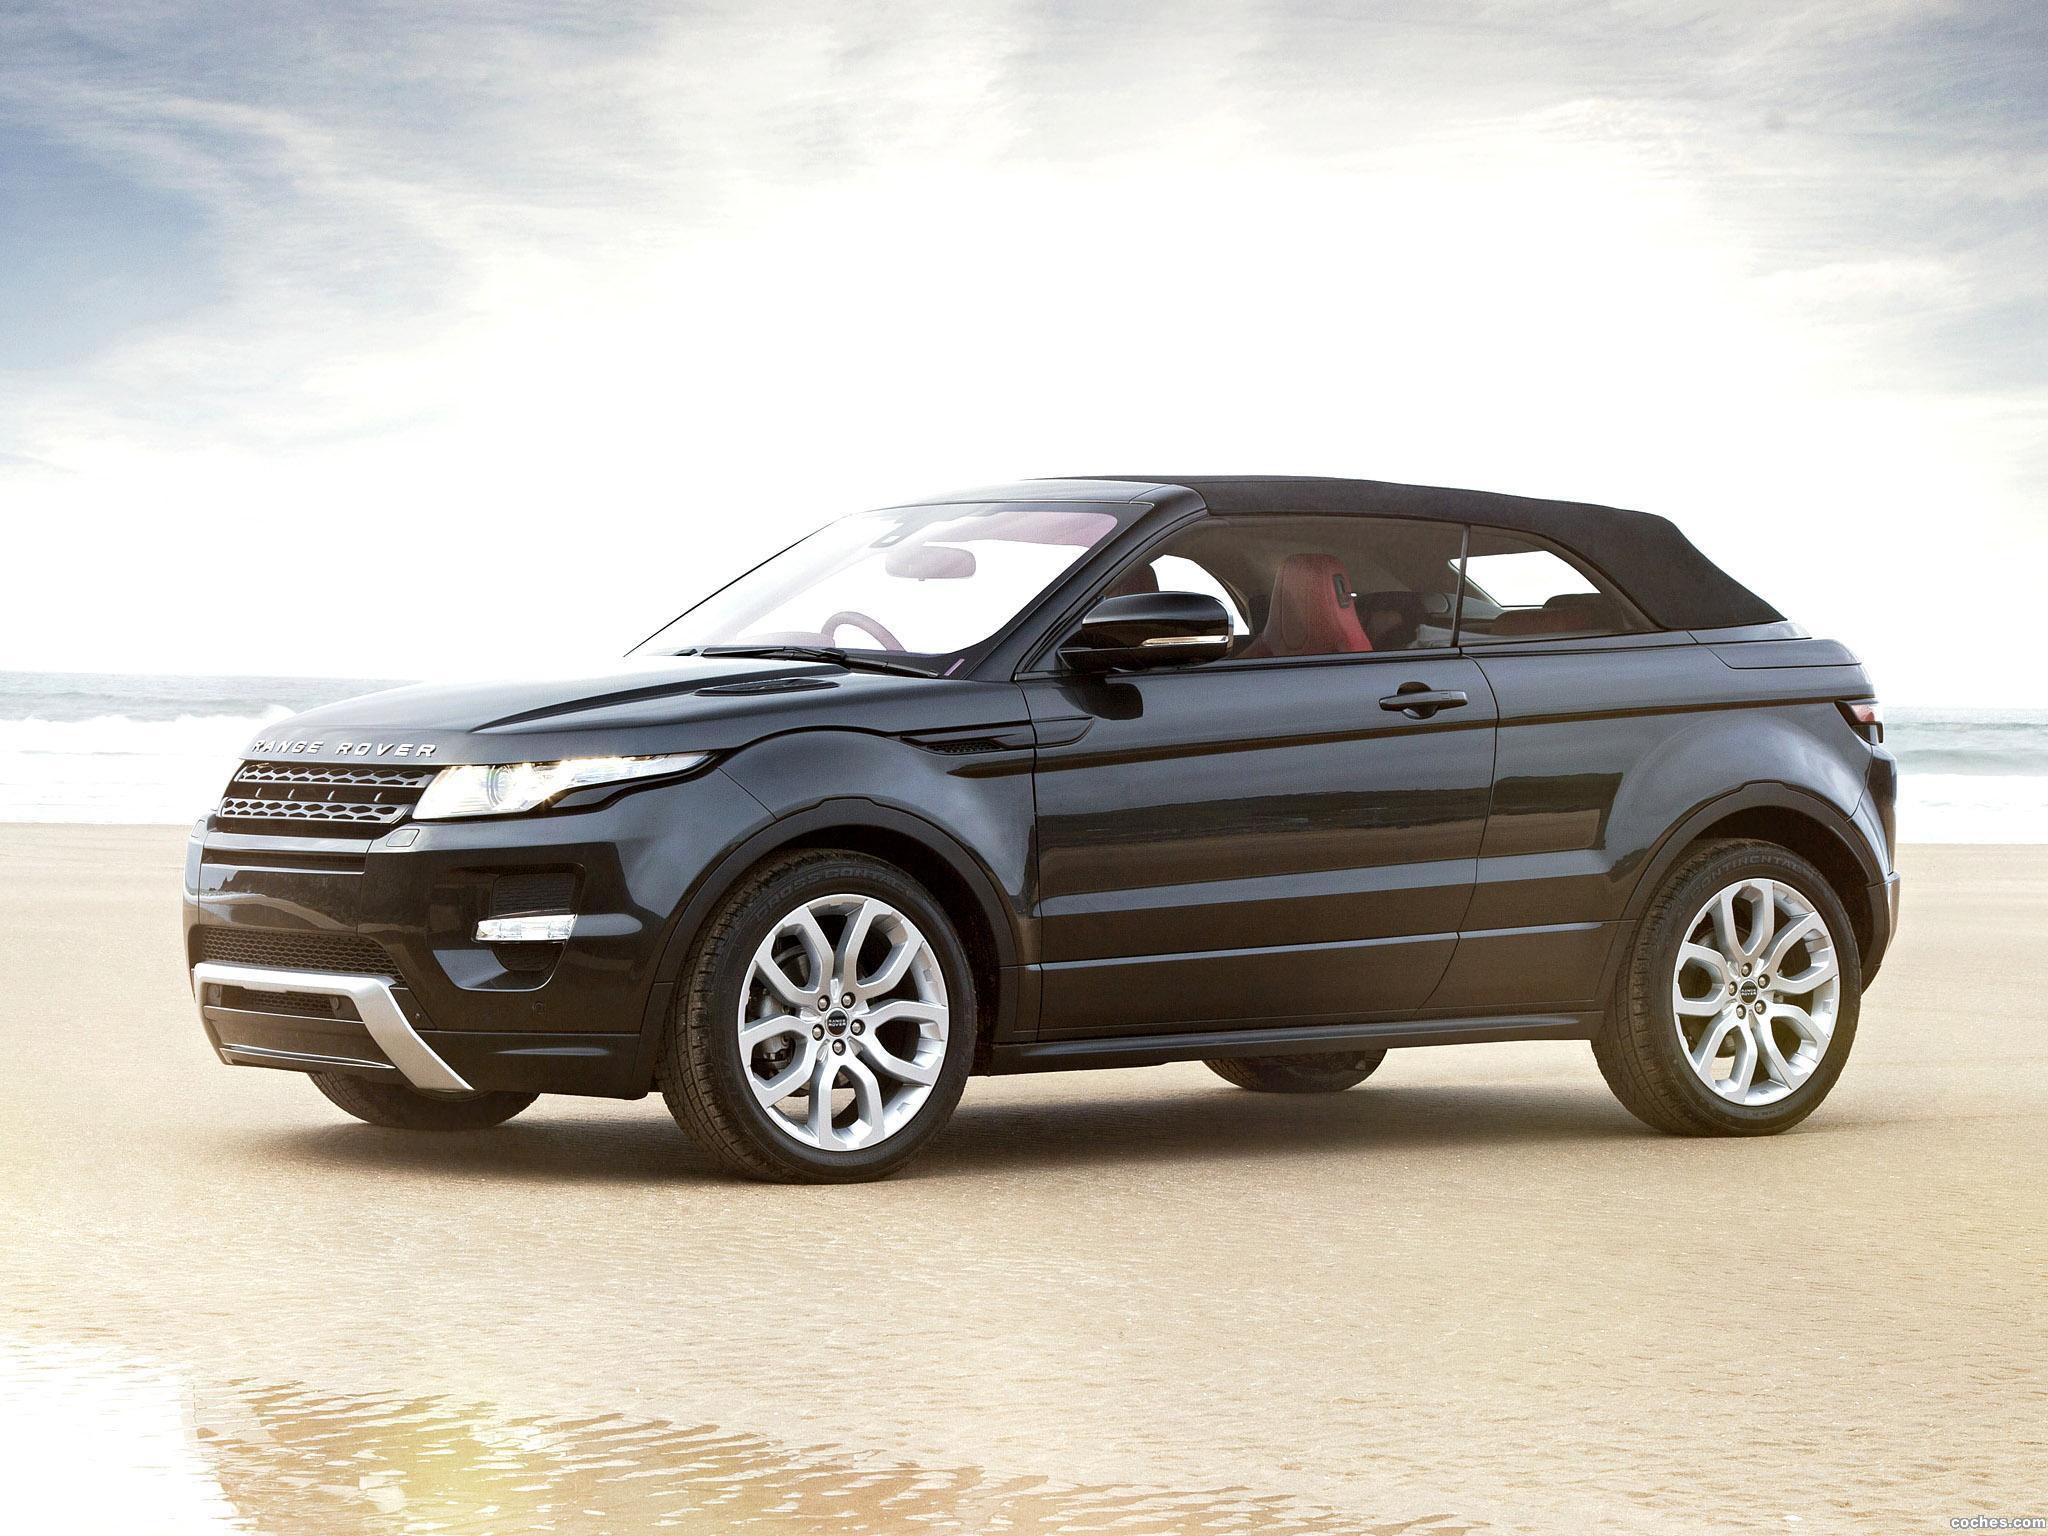 Foto 9 de Land Rover Range Rover Evoque Convertible Concept 2012